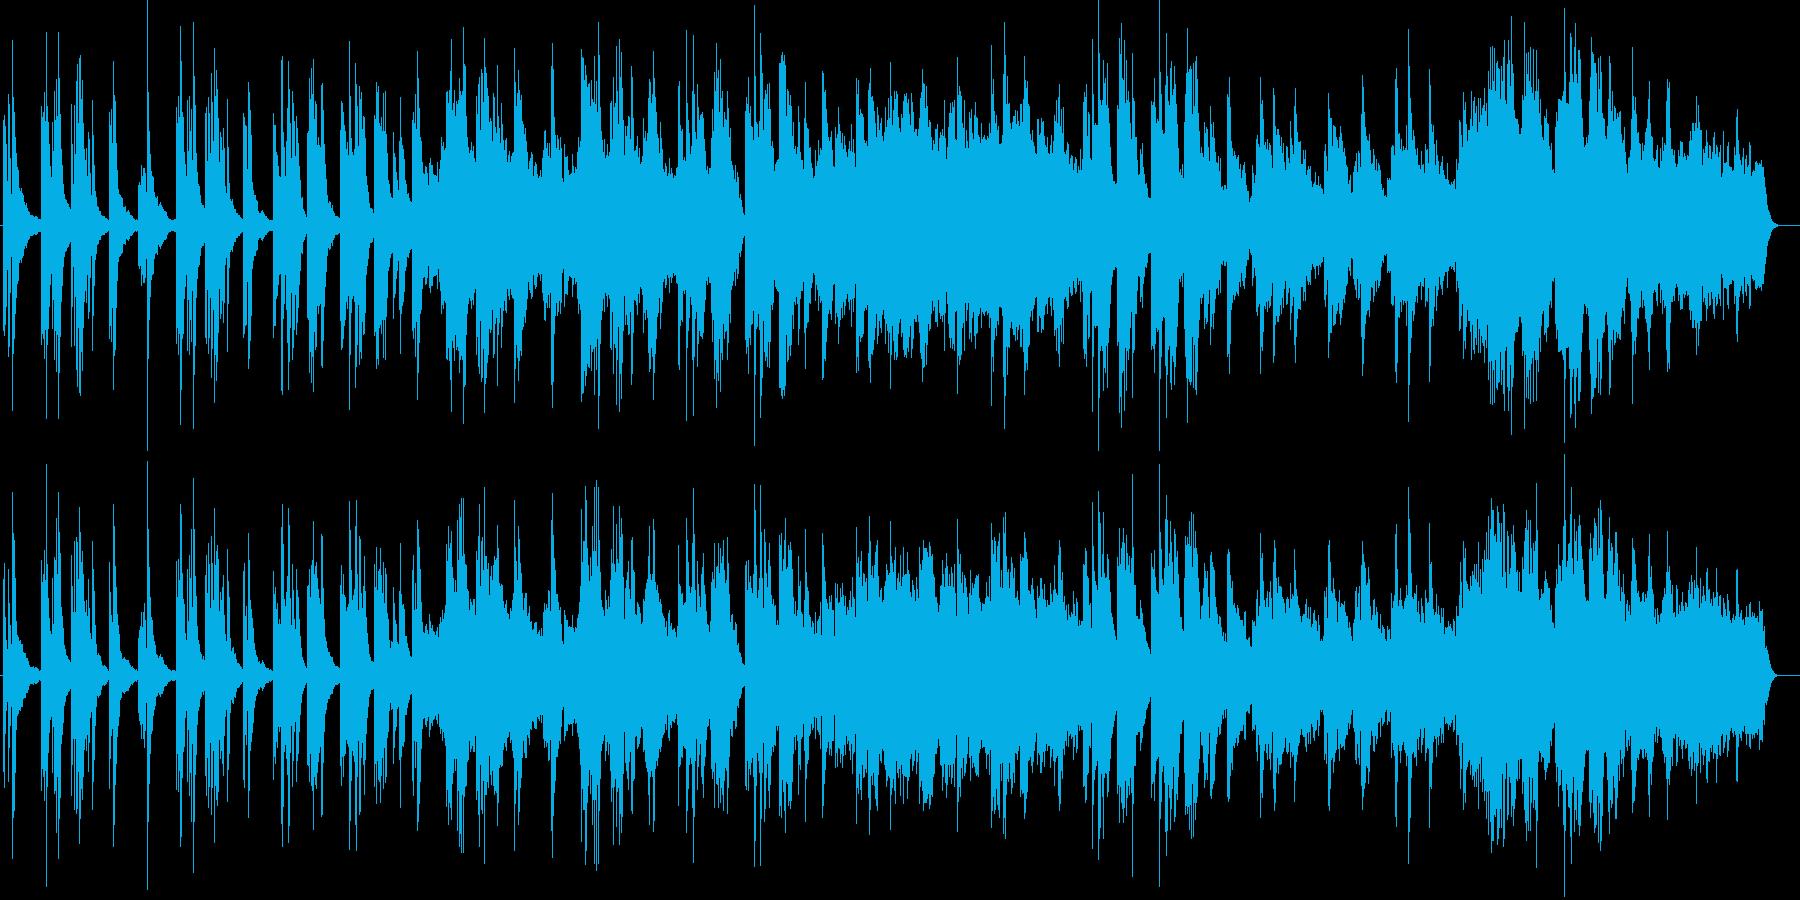 切ない感じのするピアノ曲の再生済みの波形